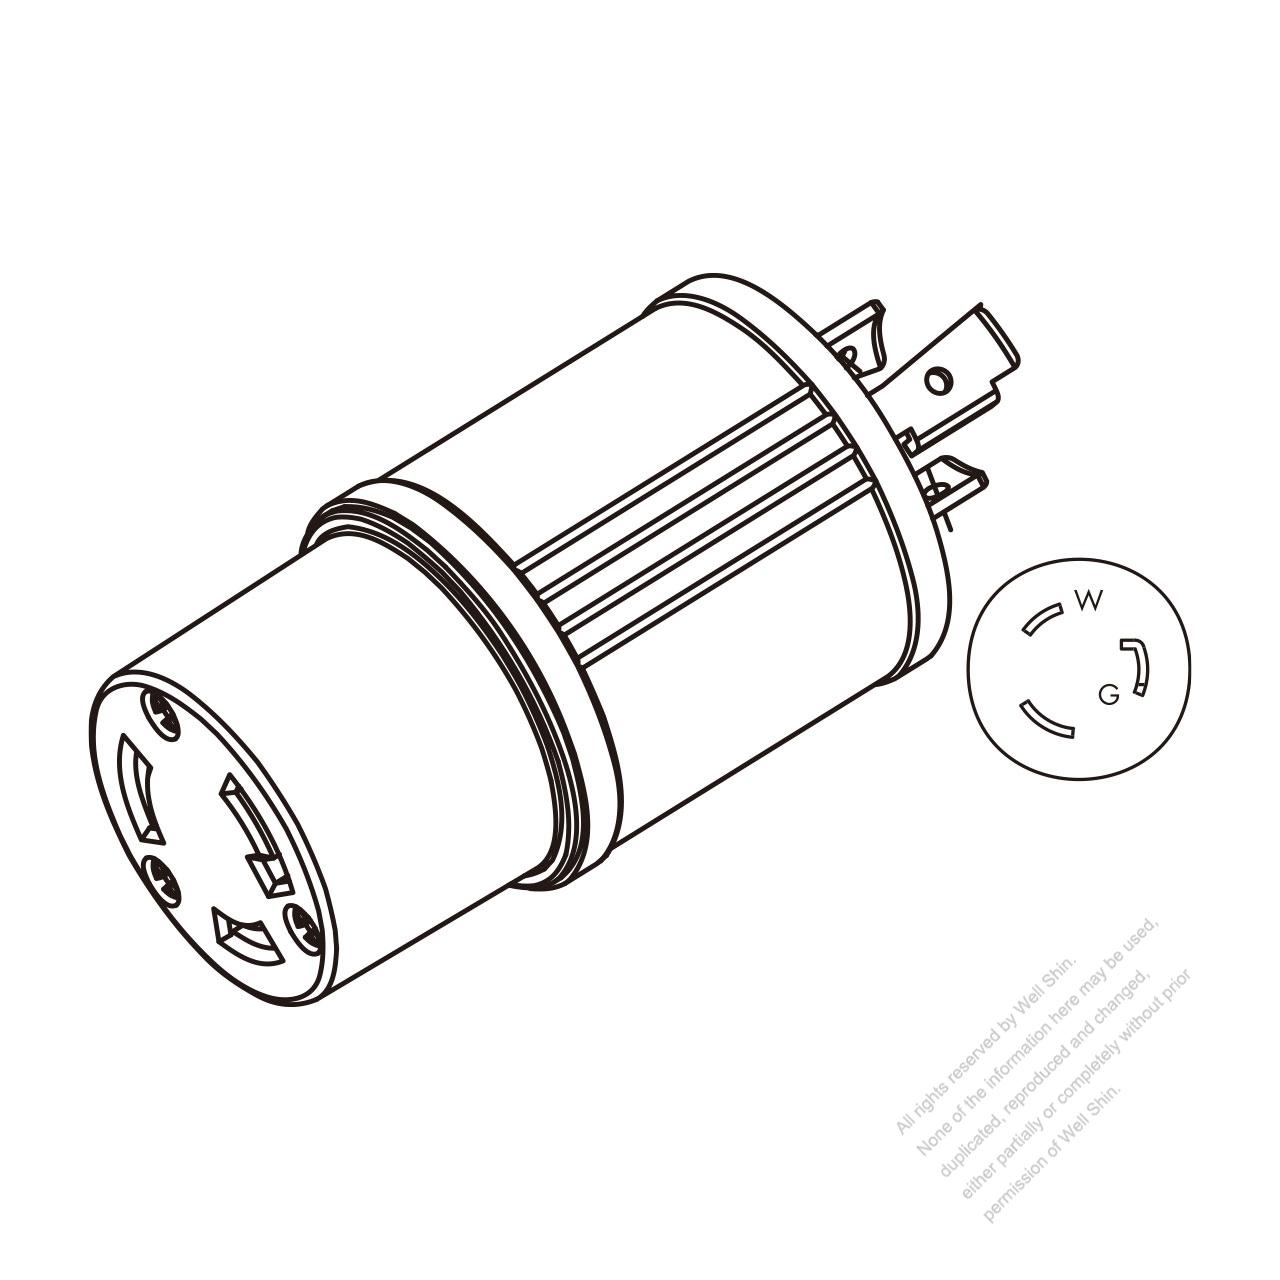 Adapter Plug, NEMA L5-20P Twist Locking to L5-30R, 2 P, 3